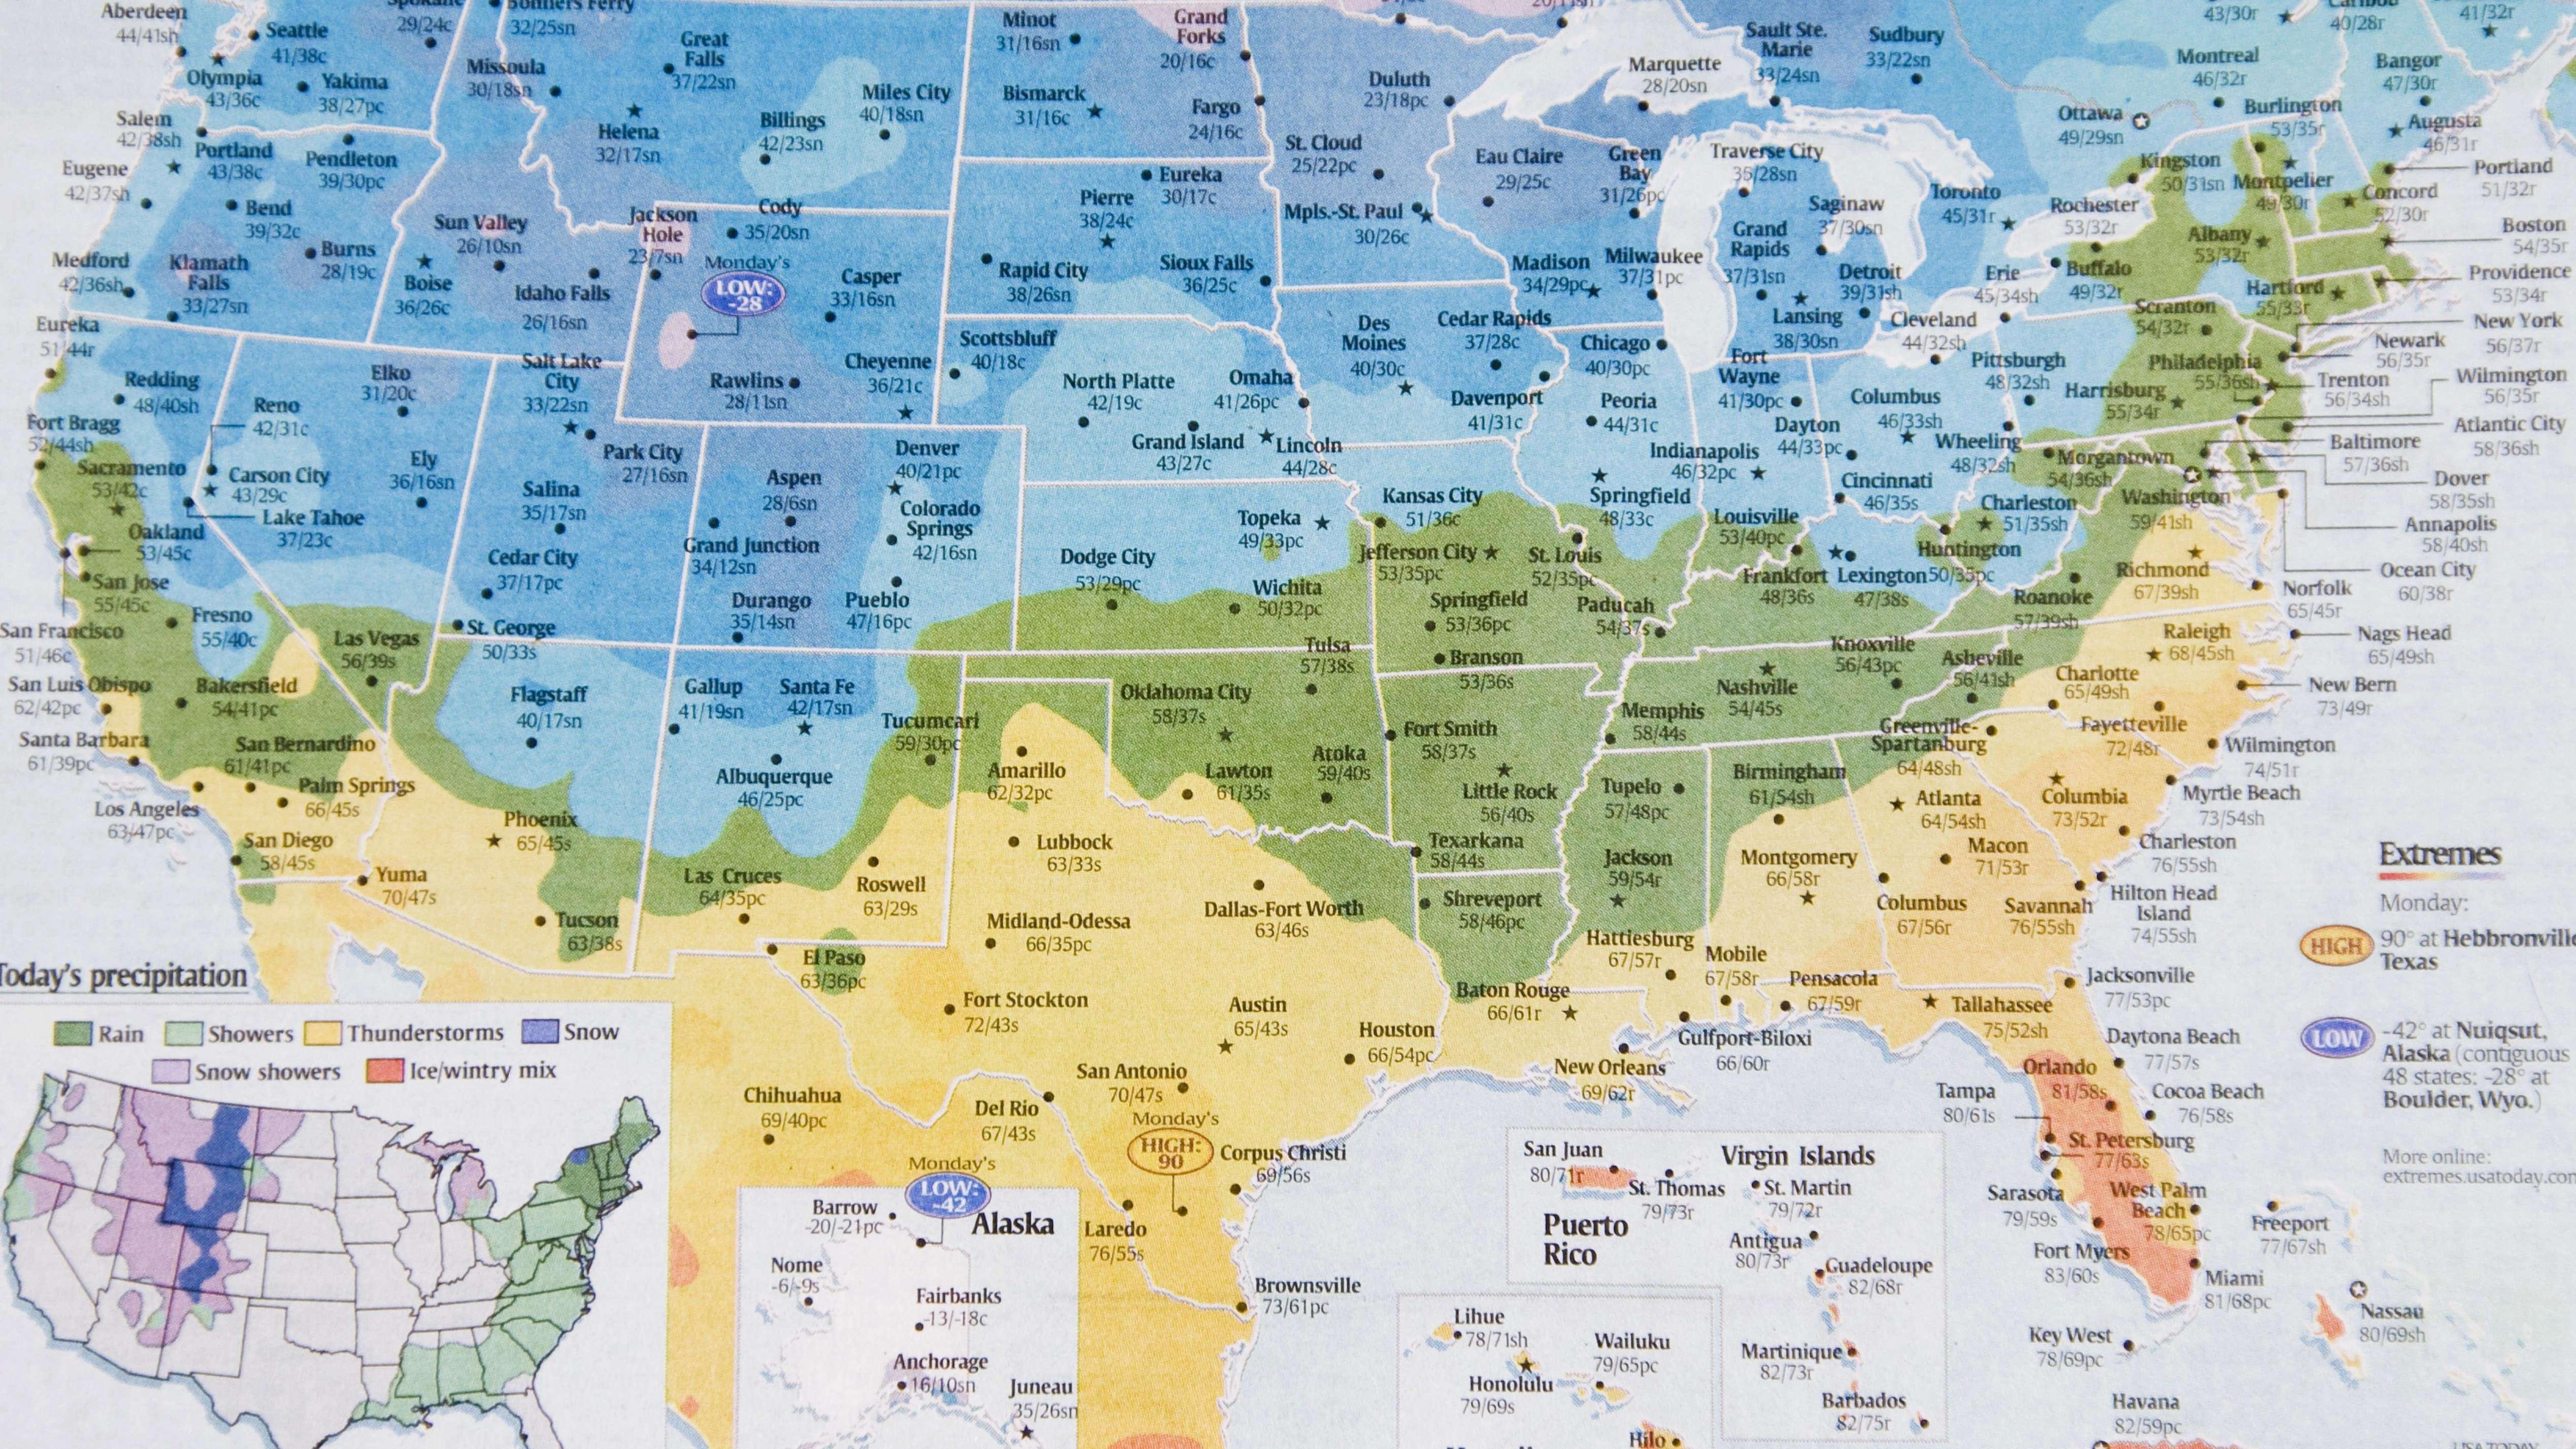 Die USA, ein großes Land mit verschiedenen Klimazonen. Ganz schlecht, wenn da wegen eines Trojaners die Wettervorhersage ausfallen muss.